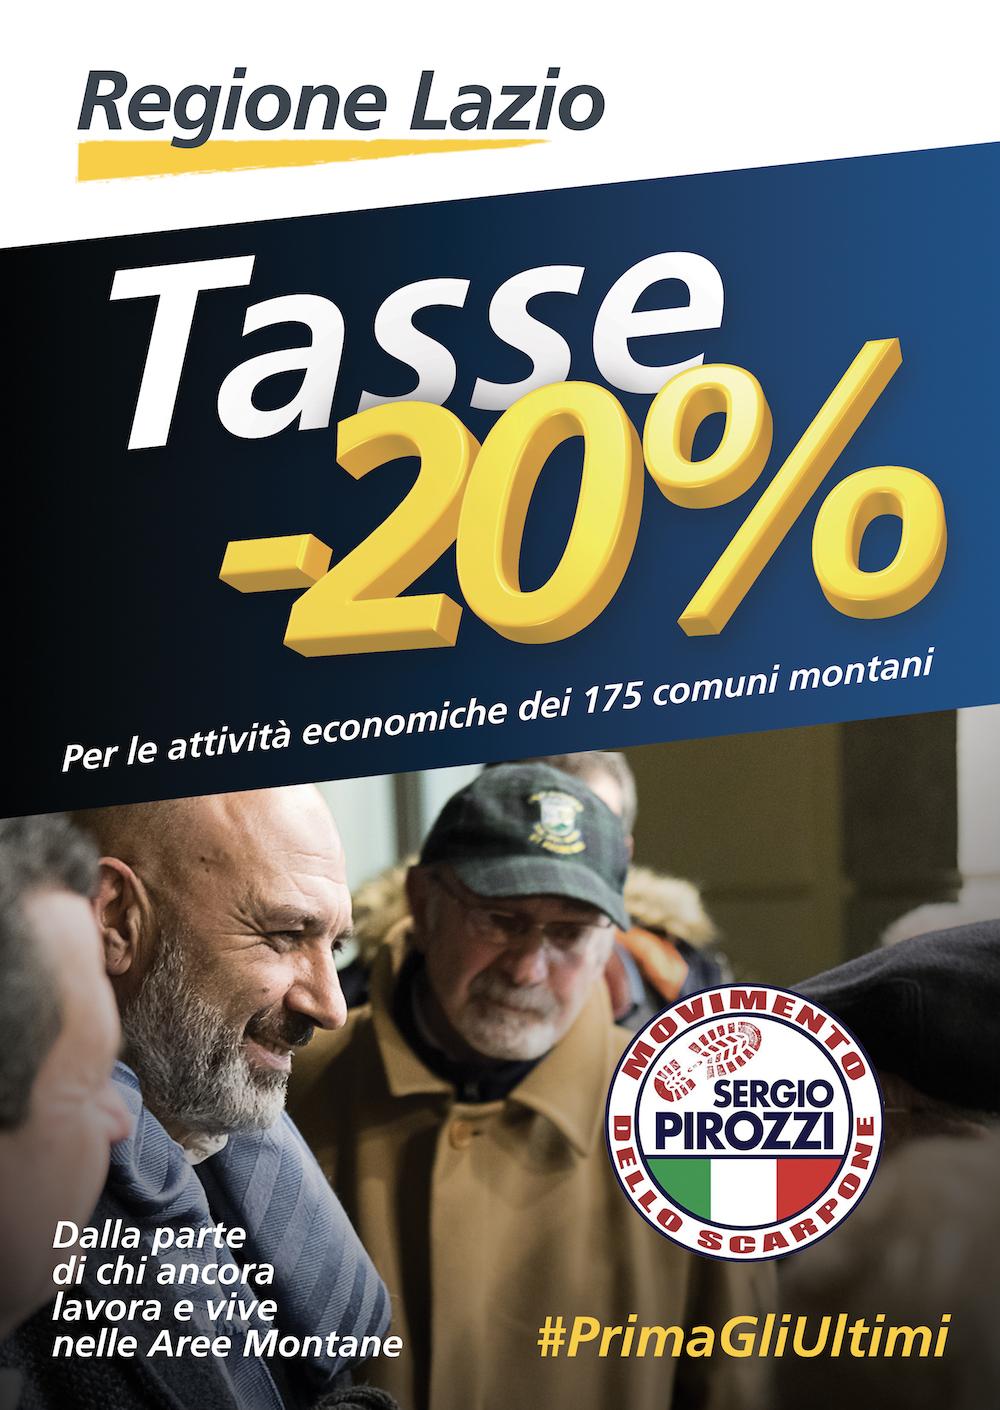 Una battaglia vinta: -20% di tasse per le attività produttive dei comuni montani del Lazio